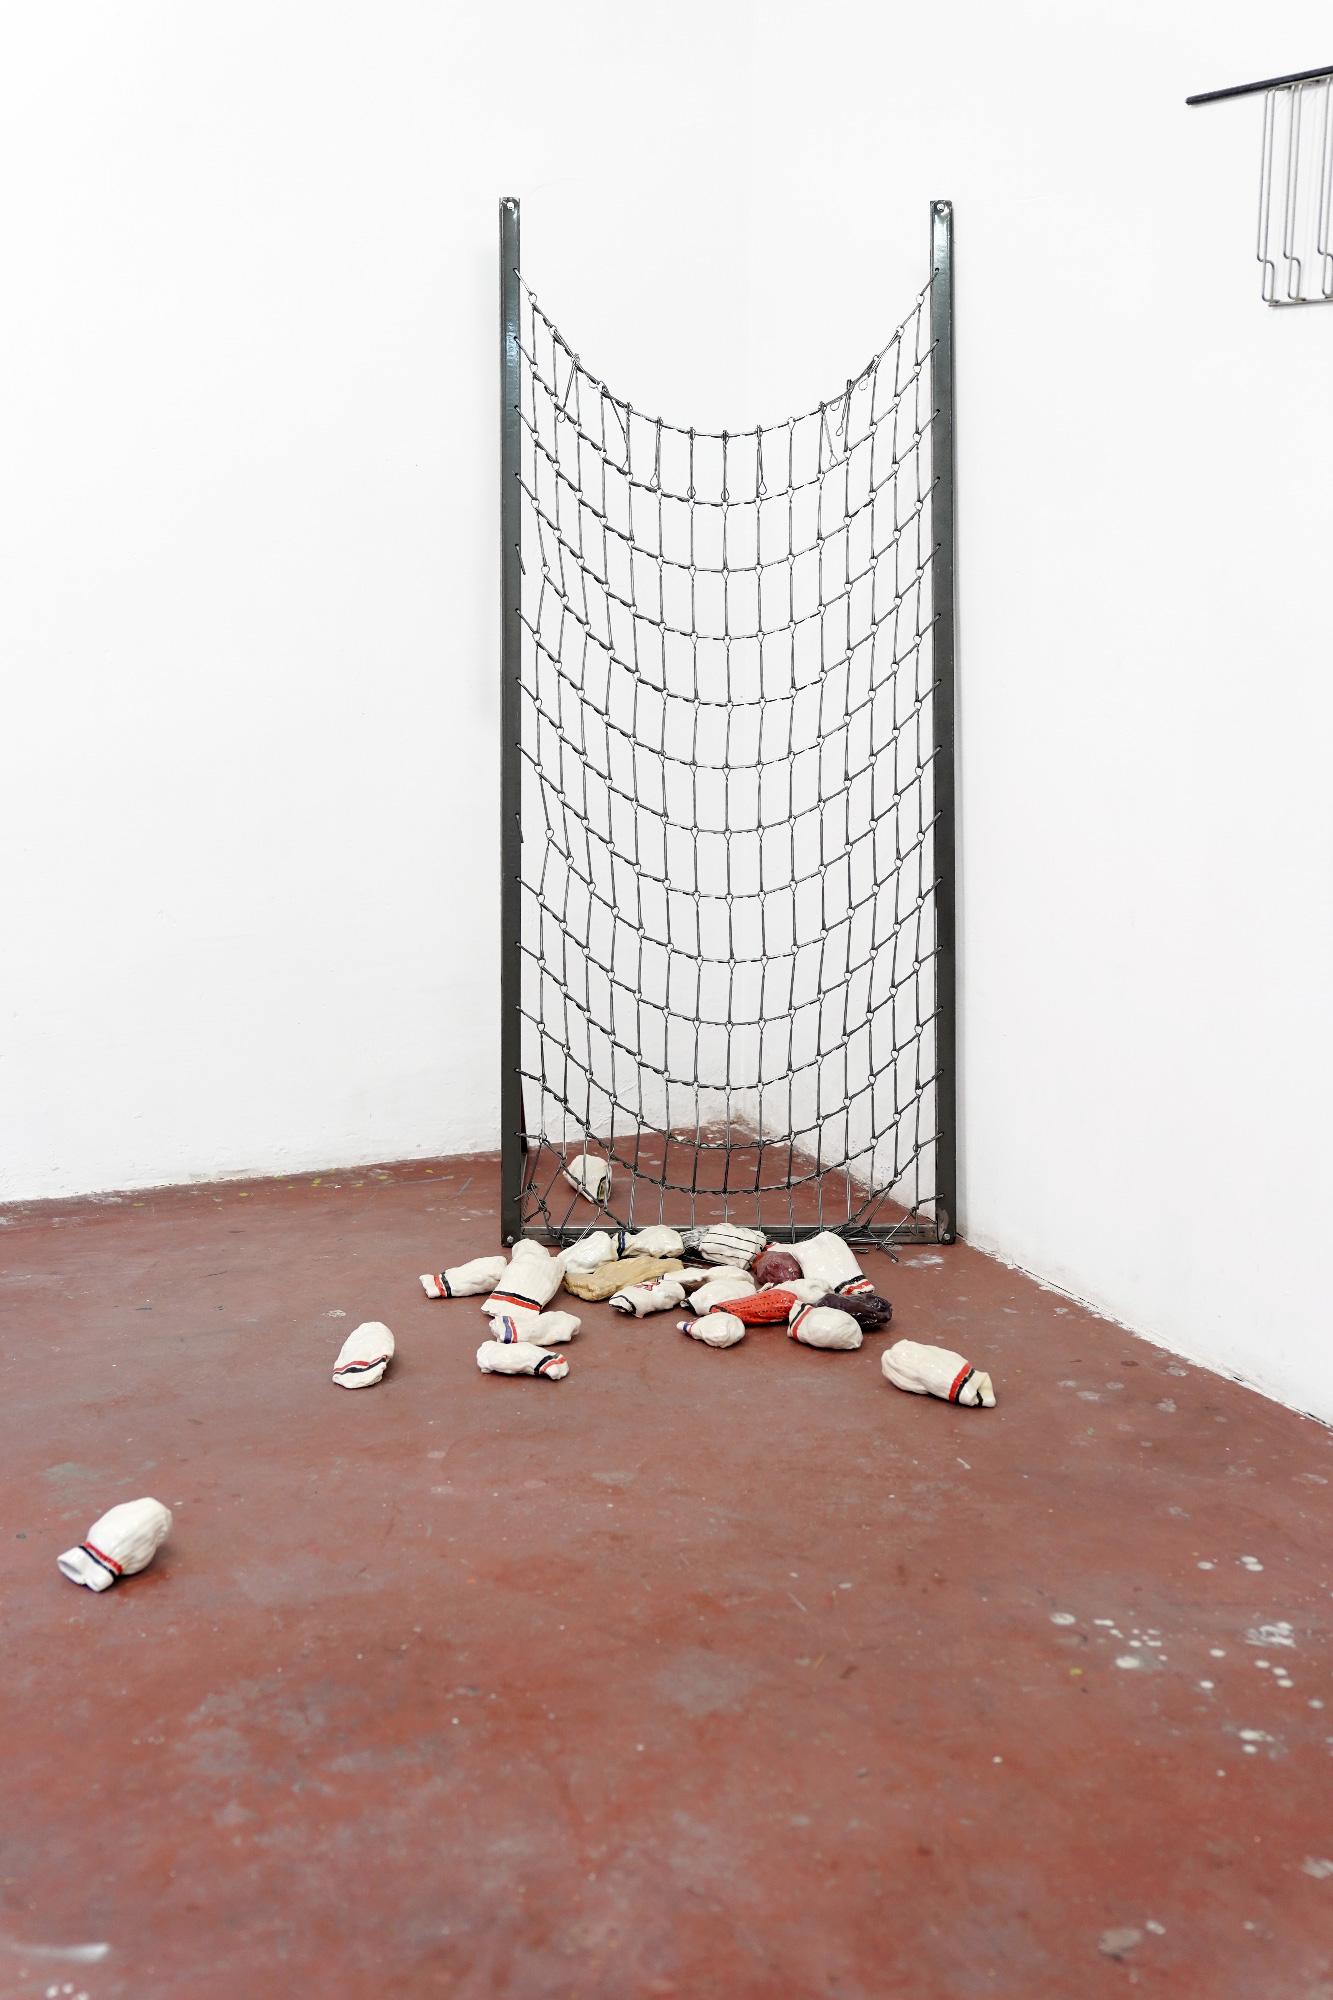 CaballeroCosmica-ExhibitionPhoto-Openstudio-Tamara-Arroyo-1-.jpg